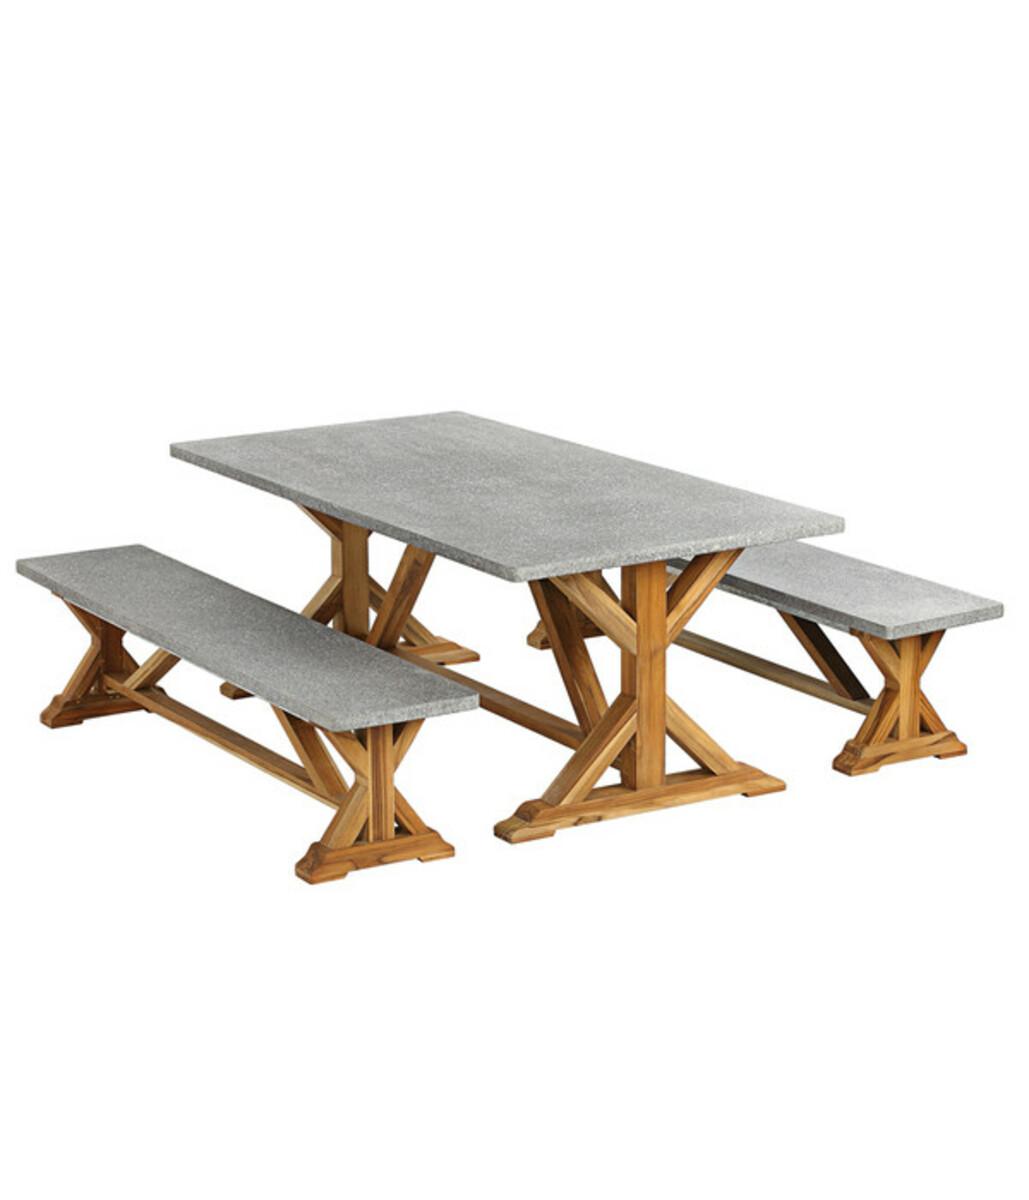 Bild 2 von Fiberzement-Tisch Rocky, 200 x 100 x 74,5 cm